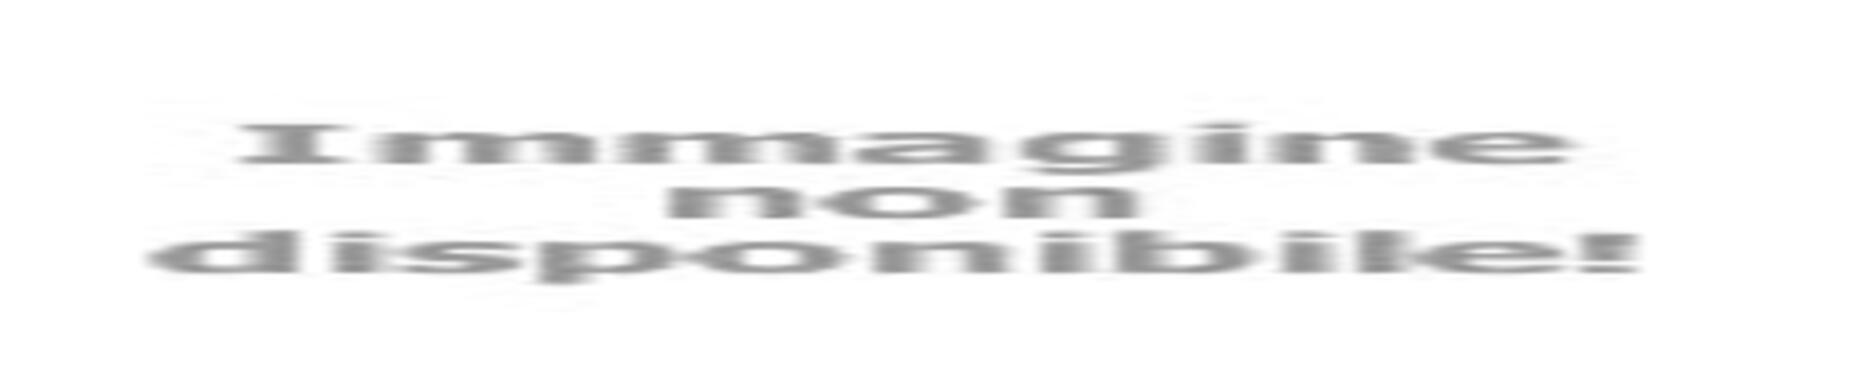 hotelduemari it commenti-hotel-duemari 004